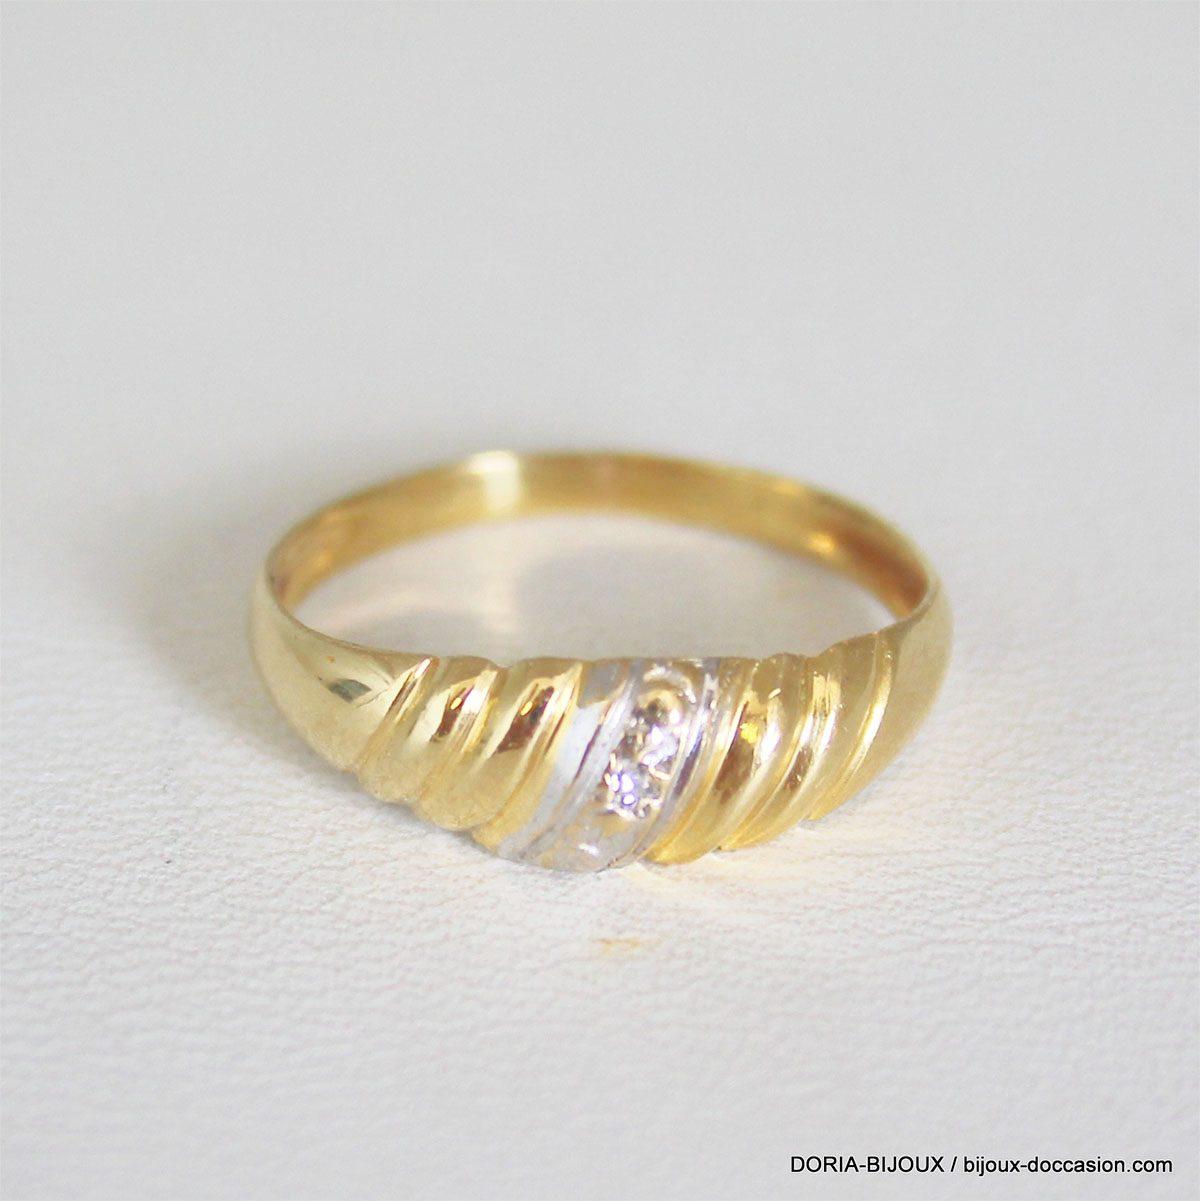 Bague Or Bicolore 750/000 18k 1 Diamant 1.7grs -53